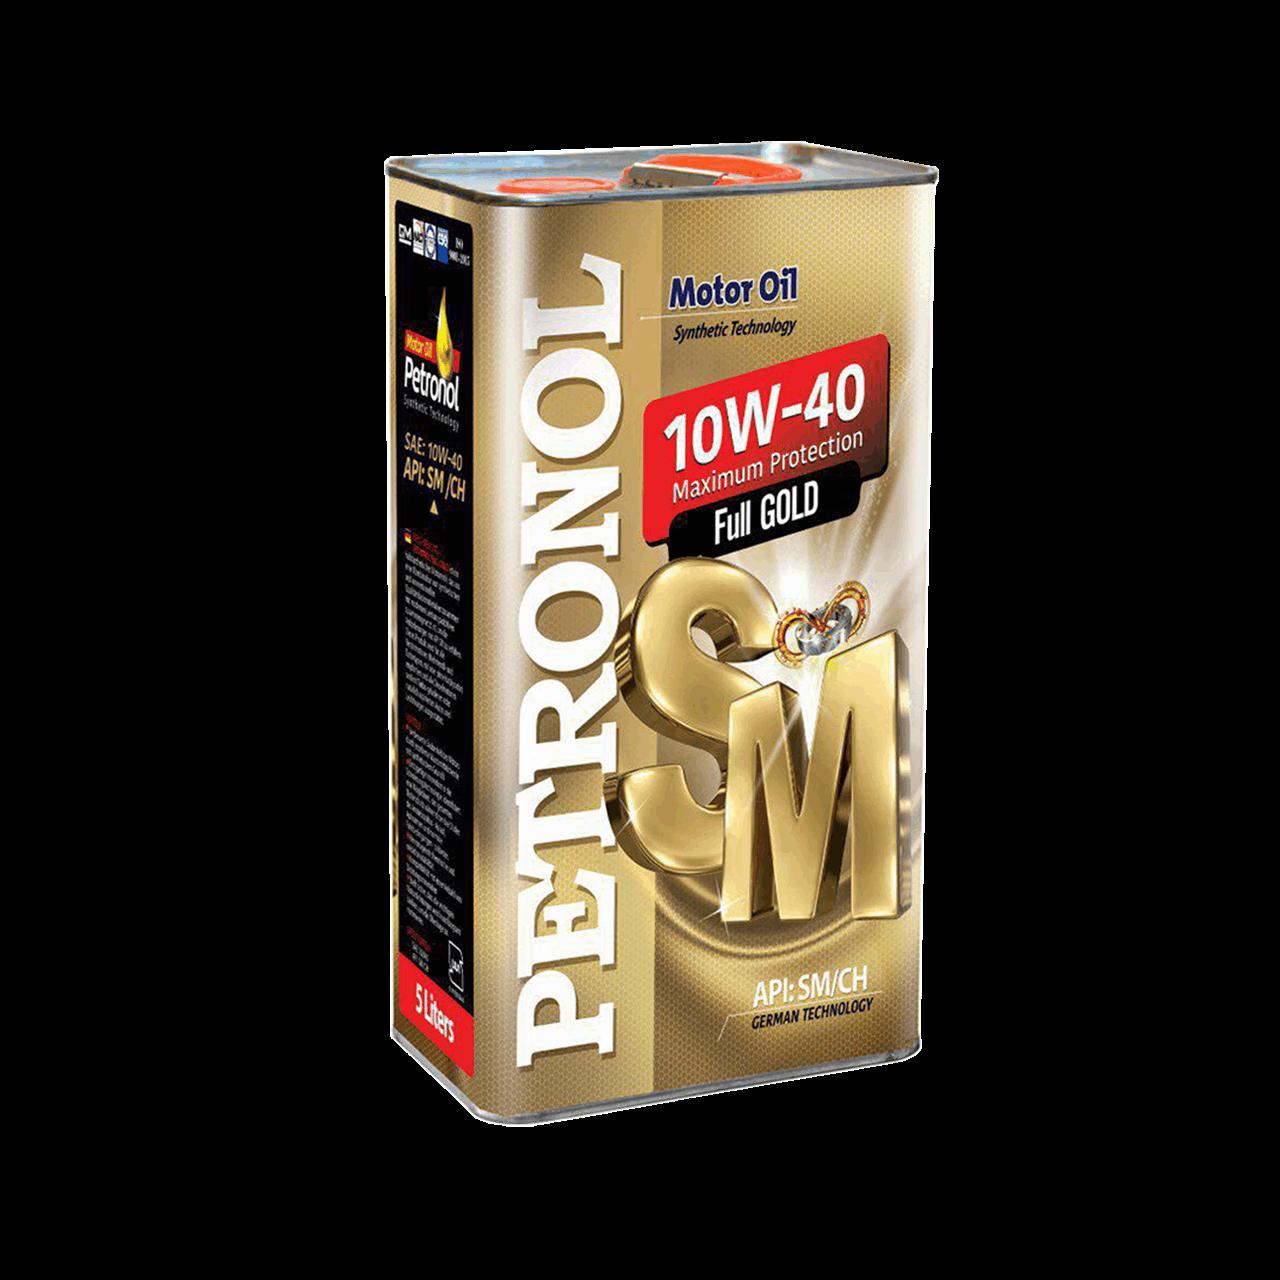 روغن موتور خودرو پترونول مدل  فول گلد نیمه سنتتیک SAE 10W-40 ظرفیت 5 لیتر